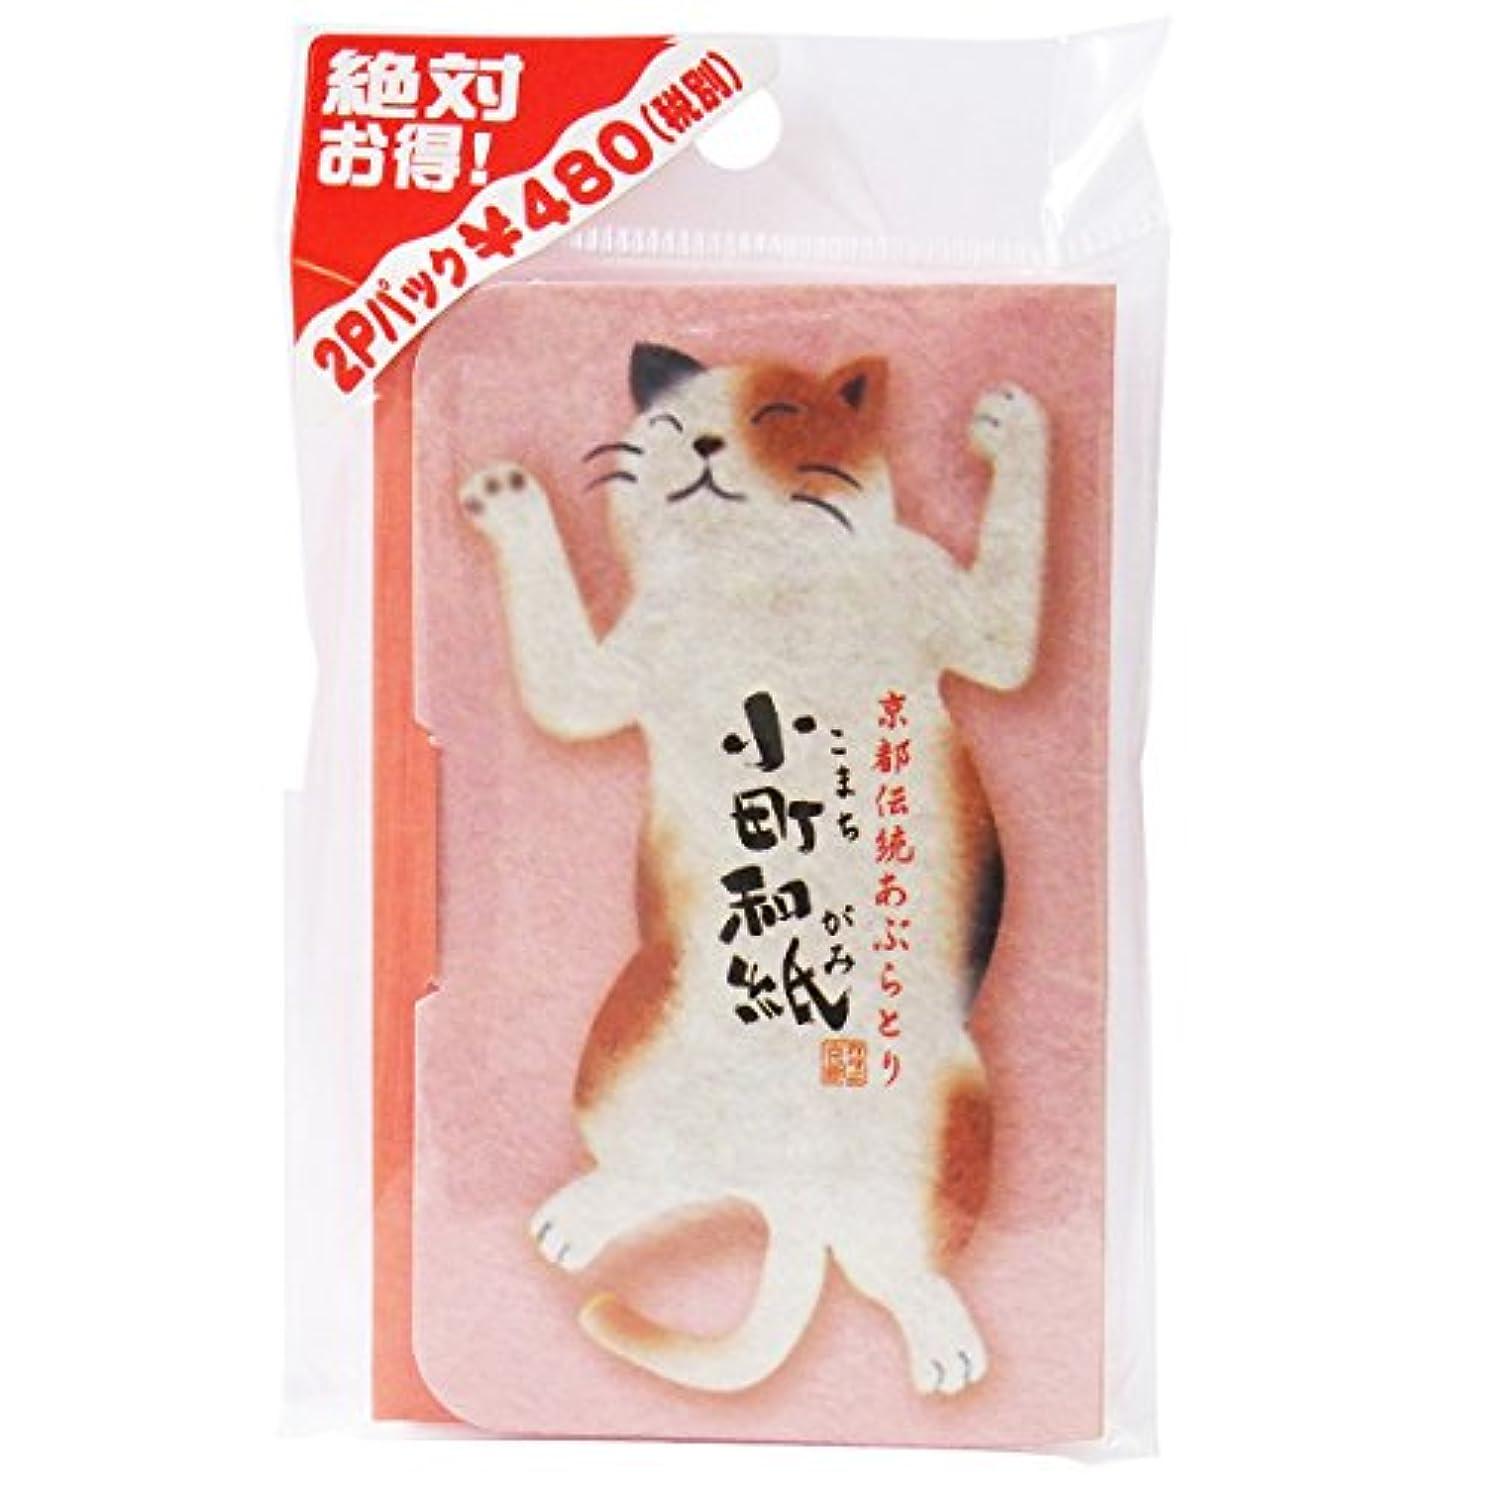 カタニ 京都伝統あぶらとり 小町和紙 ごろ猫 (48枚入×2冊)